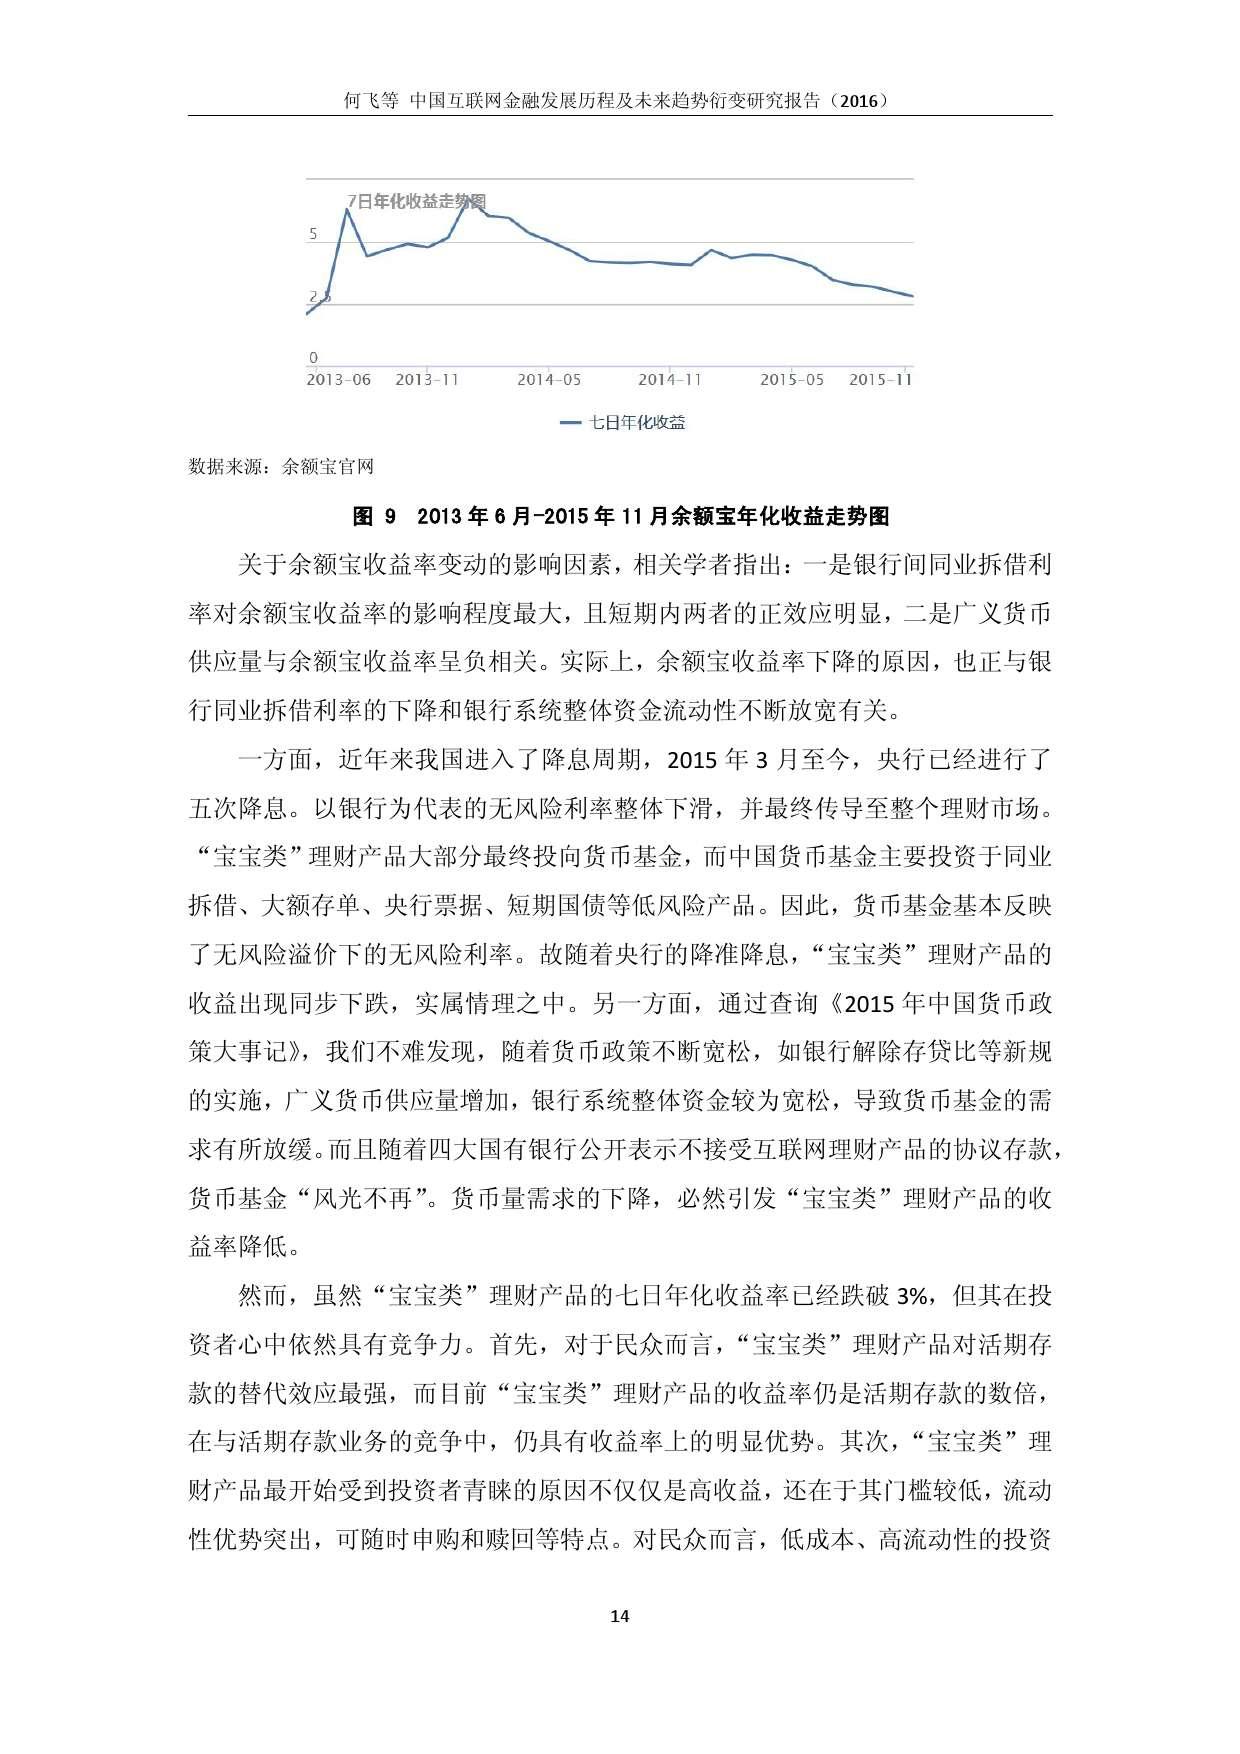 中国互联网金融发展历程及未来趋势衍变研究报告(2016)_000019